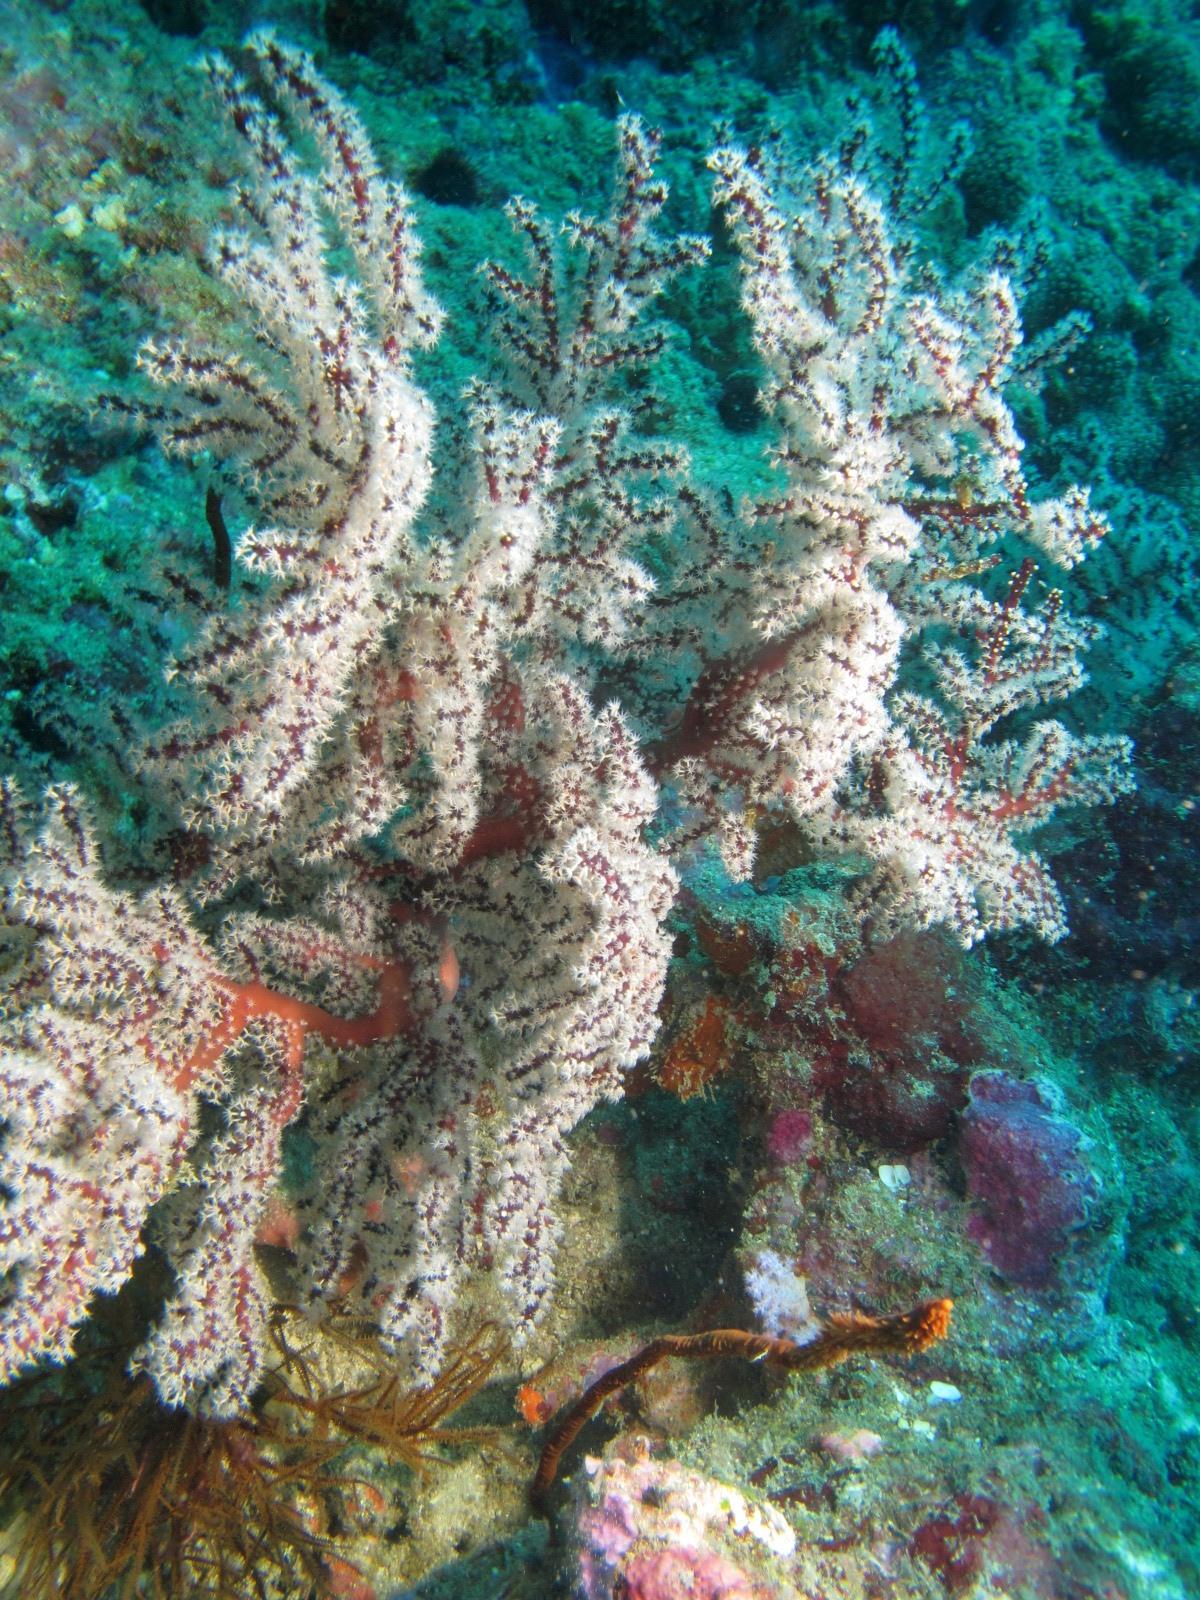 Узловатая Горгония, Melithaea sp